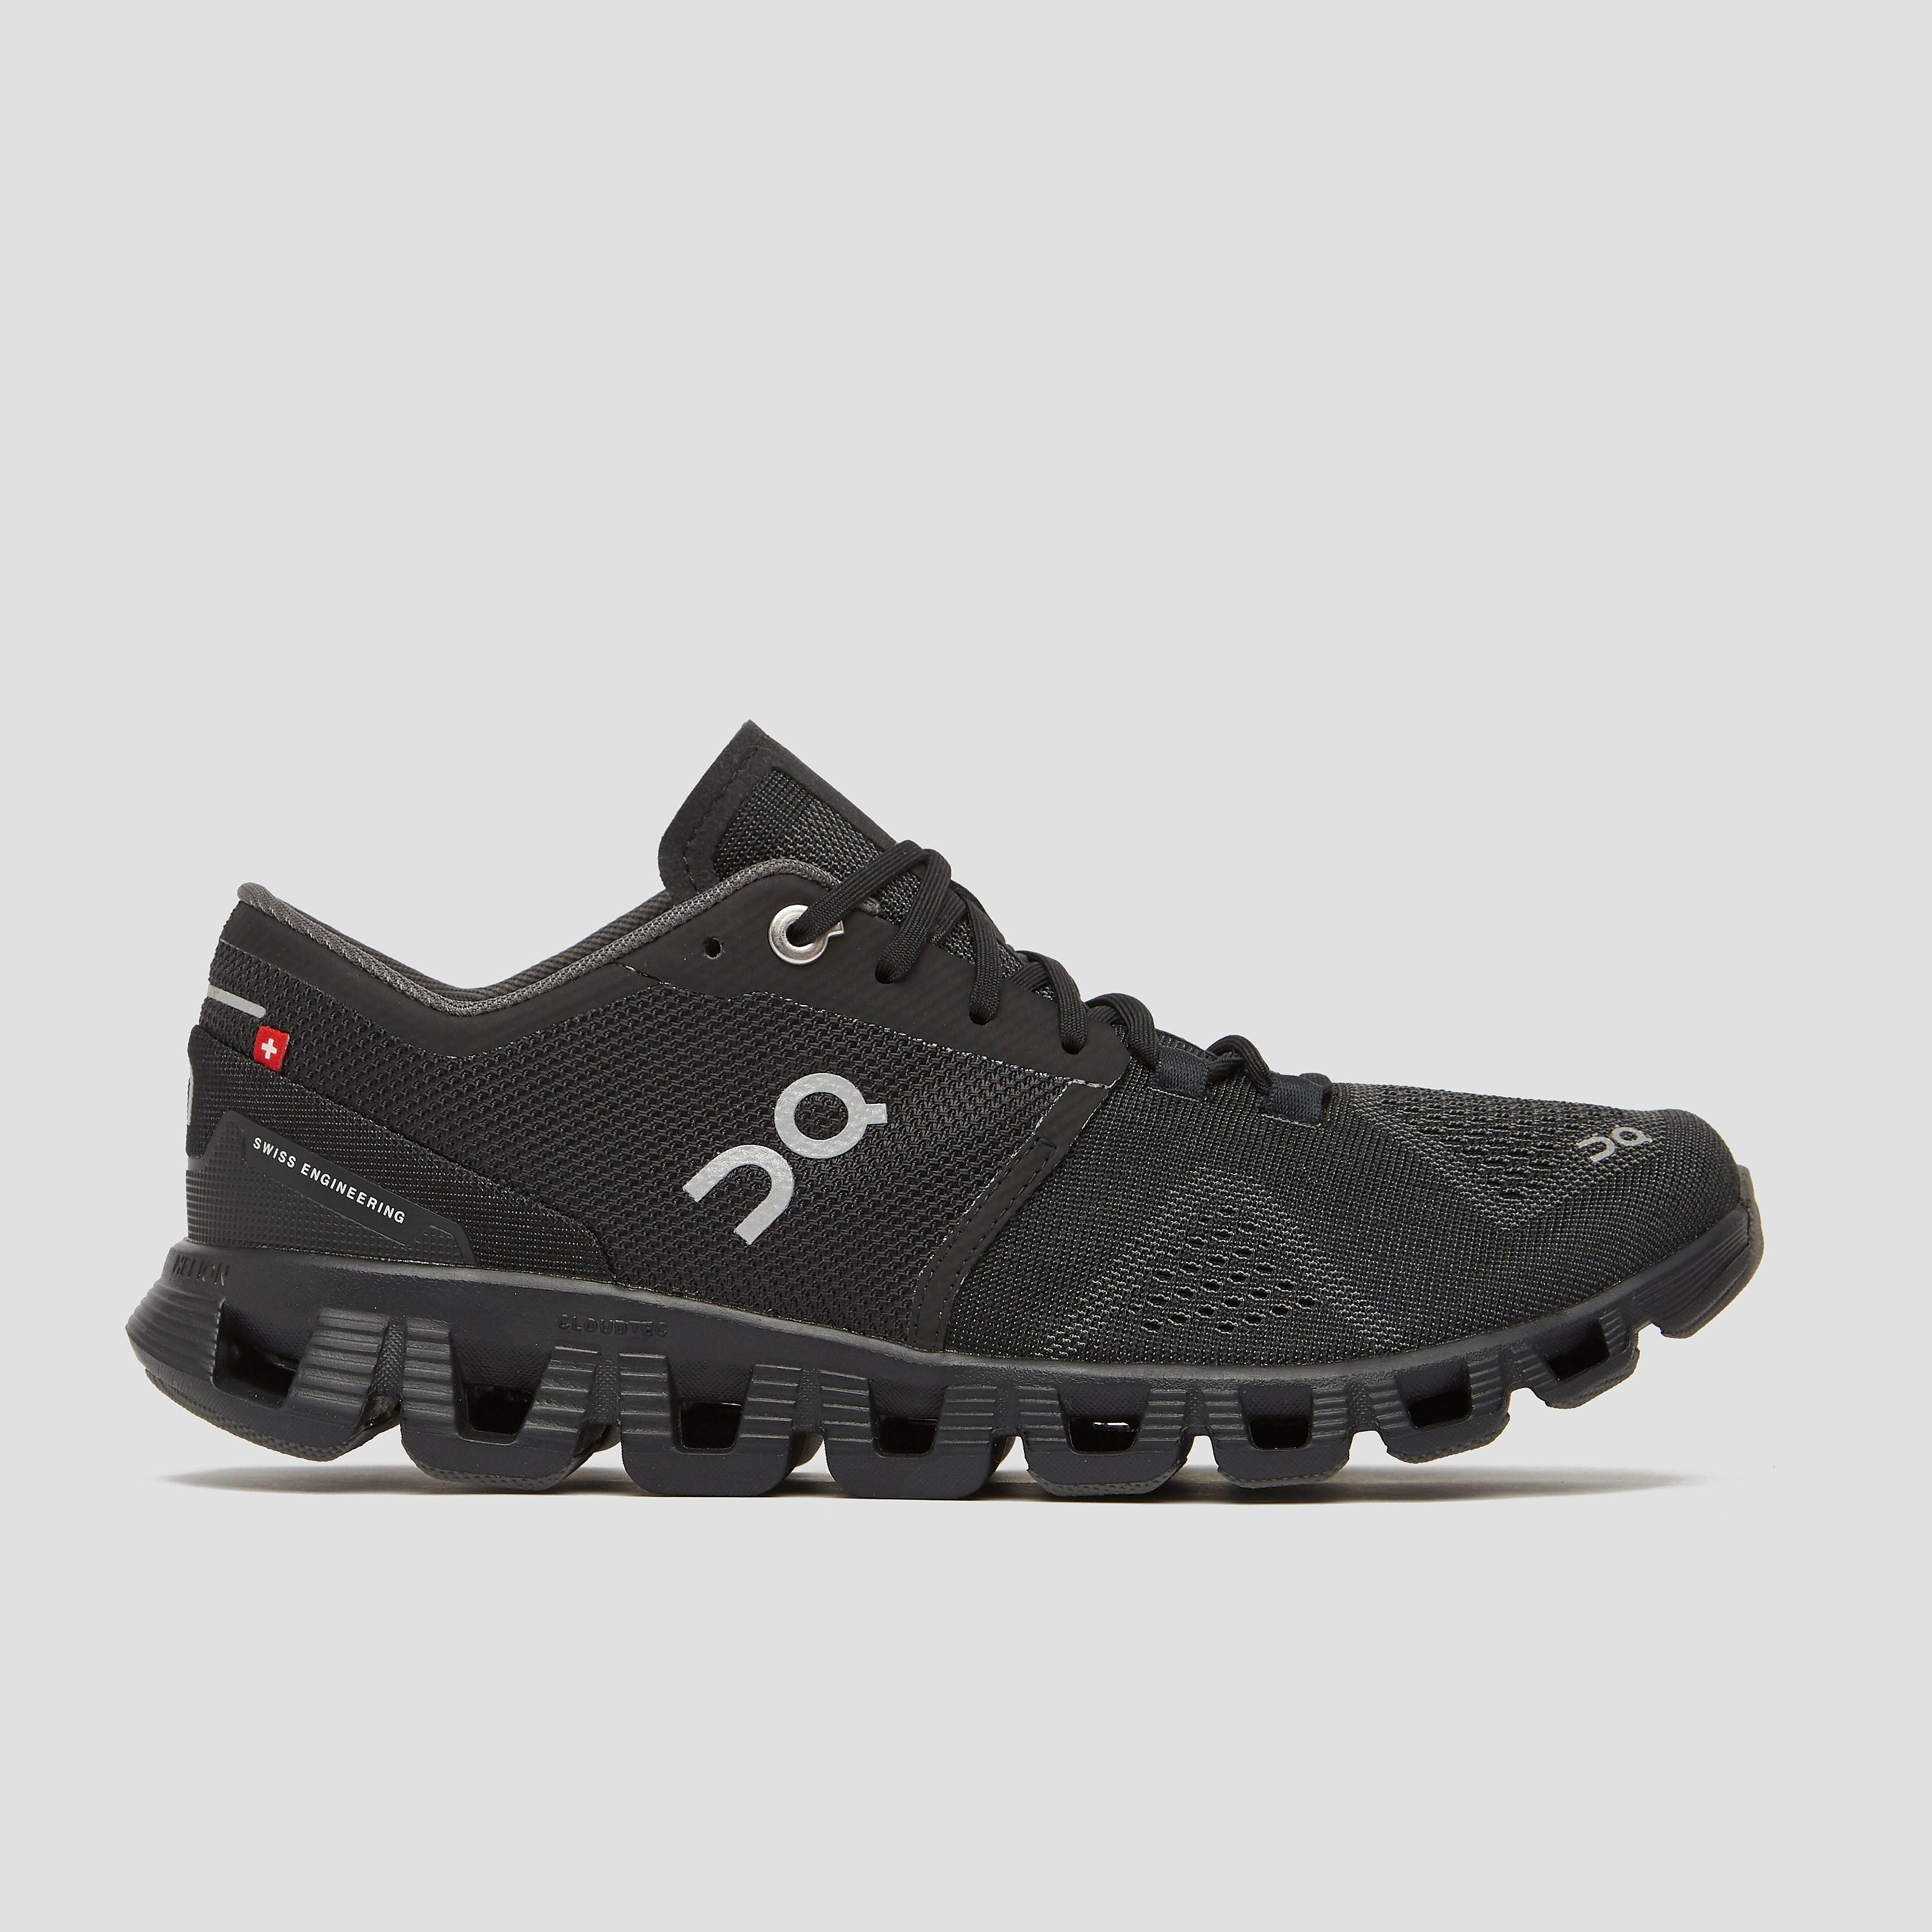 On cloud x hardloopschoenen zwart/grijs dames